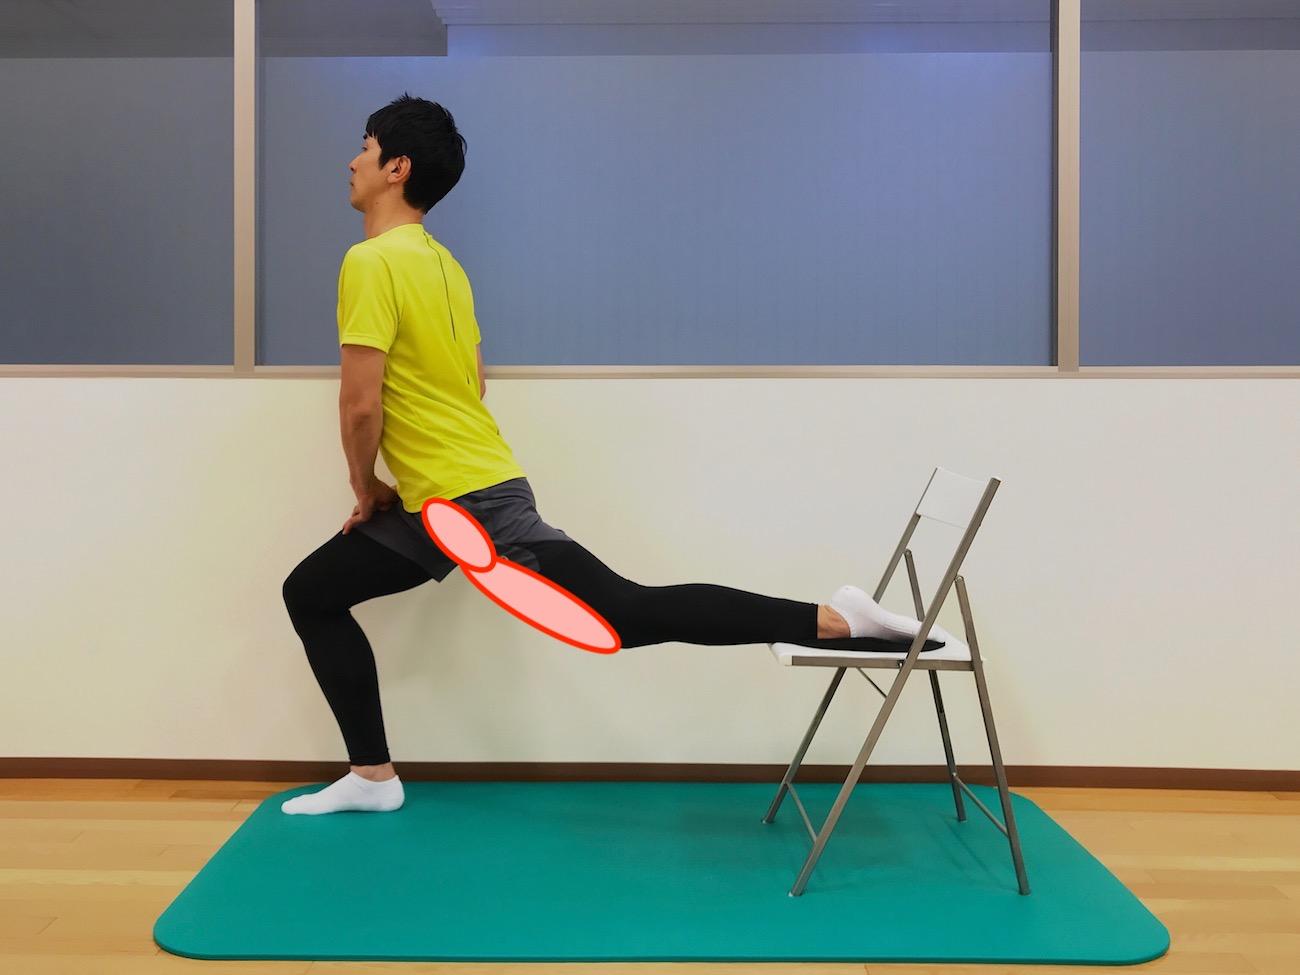 もも前〜骨盤前の筋肉(腸腰筋・大腿直筋)のストレッチで伸びる場所